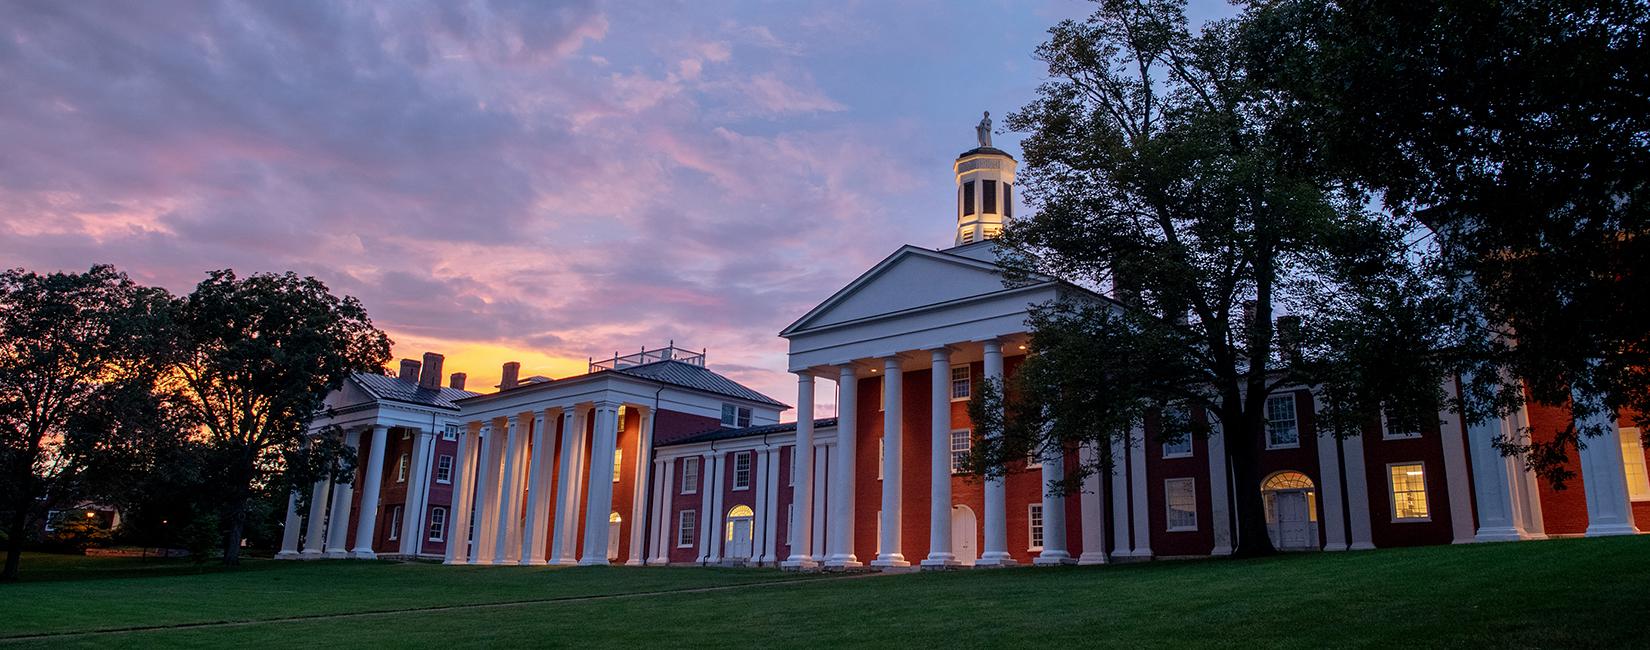 Sunset at Washington and Lee University campus.